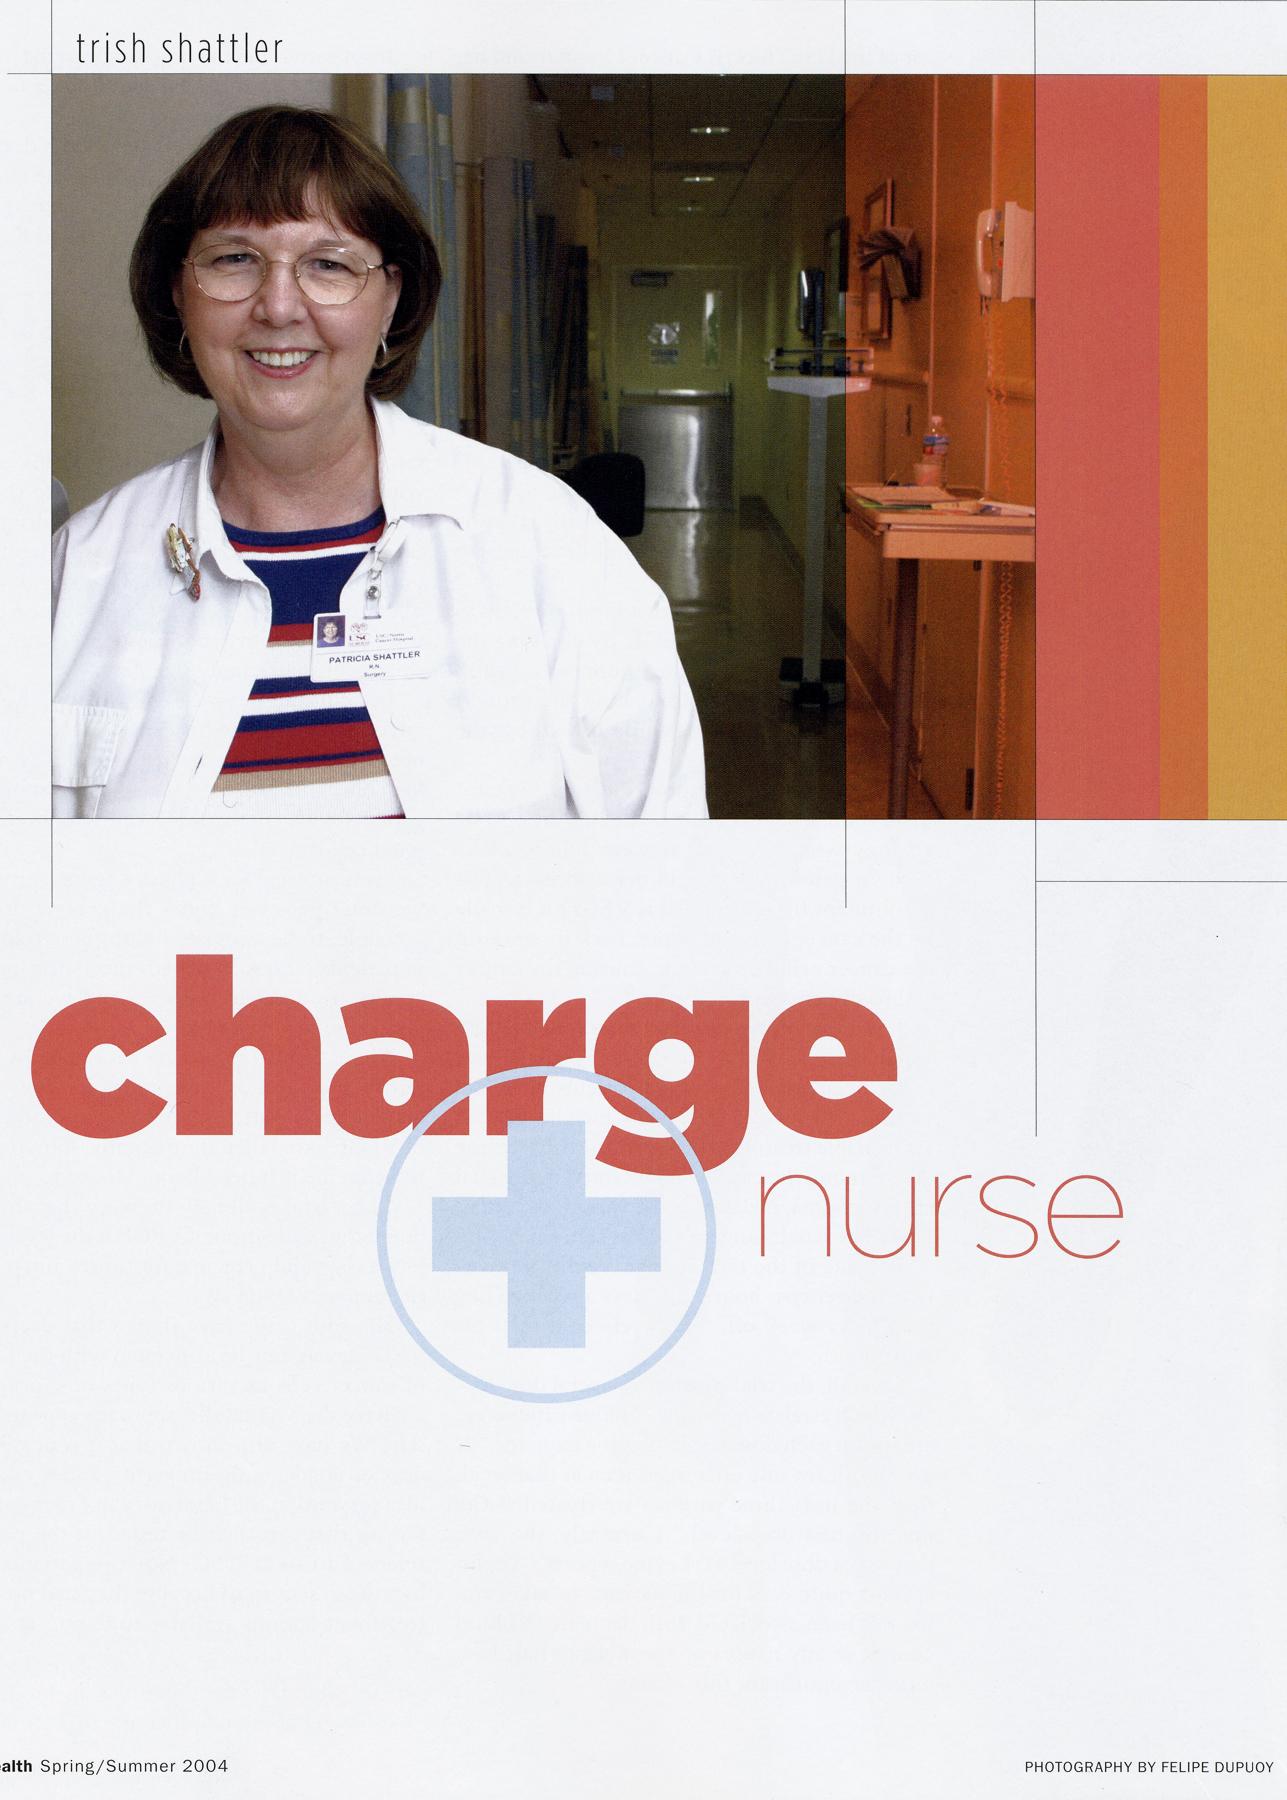 26usc nurse001.jpg